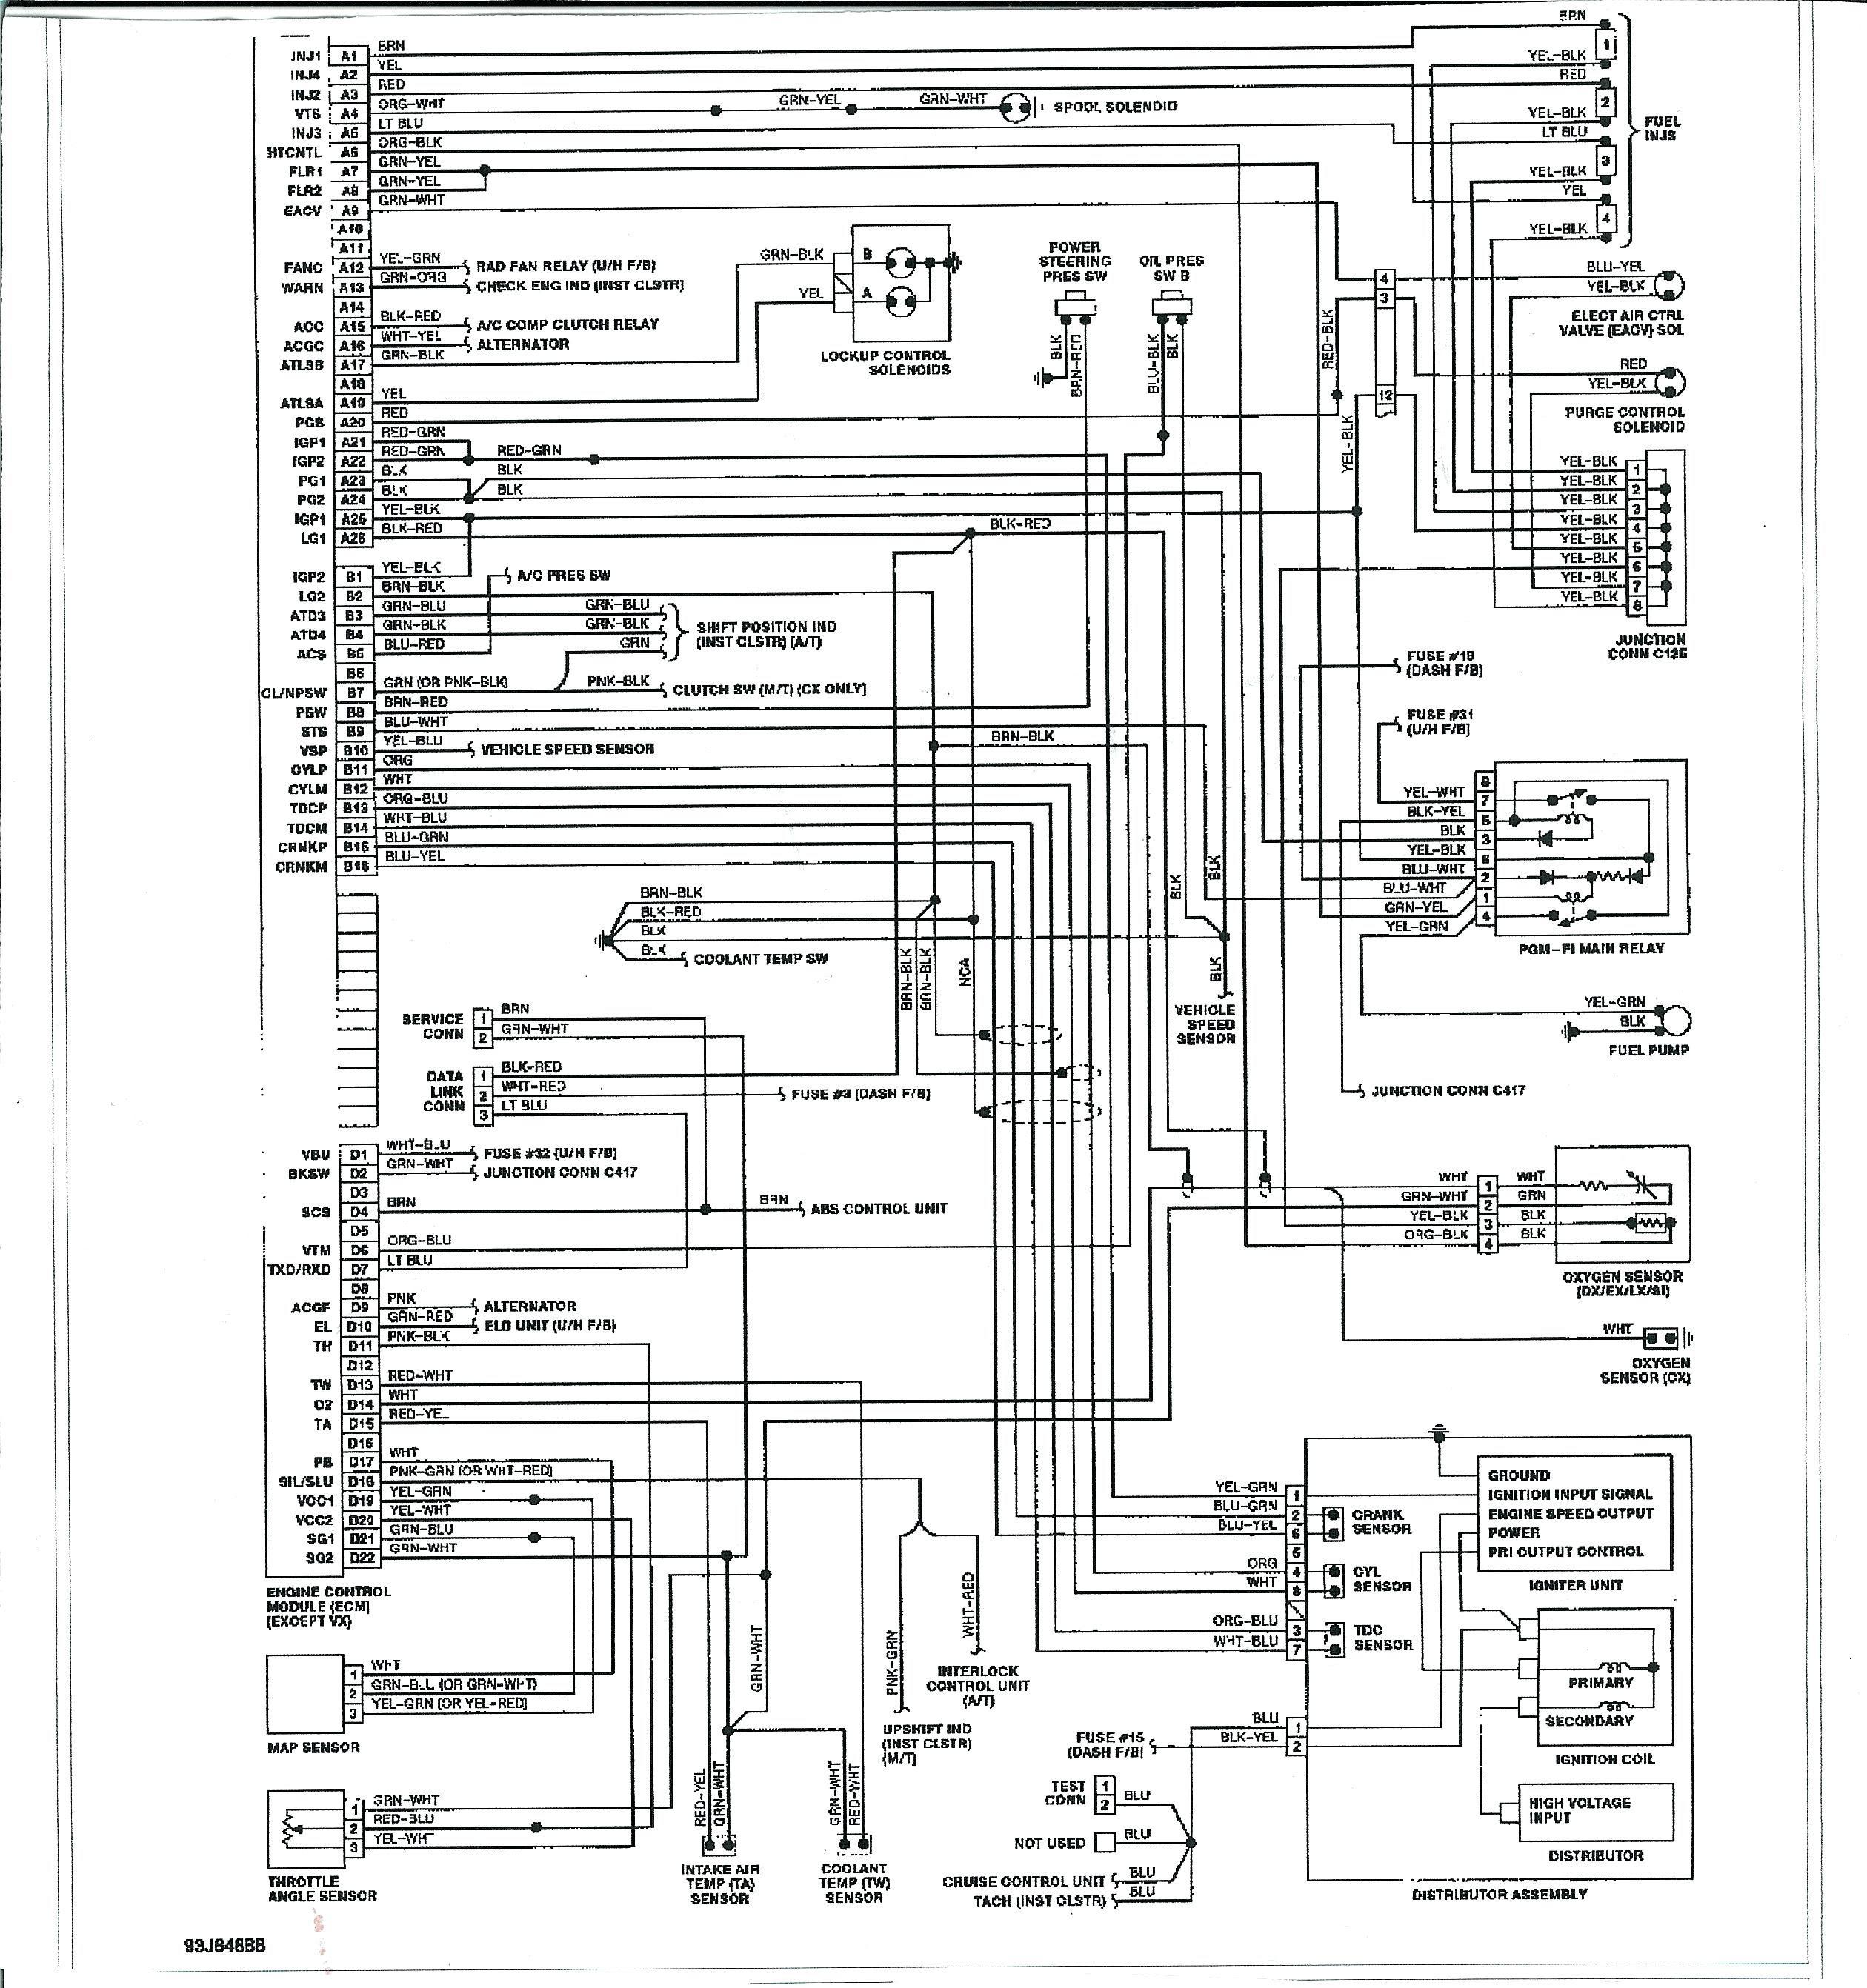 2007 GMC SIERRA 2500HD WIRING DIAGRAM - Auto Electrical ...